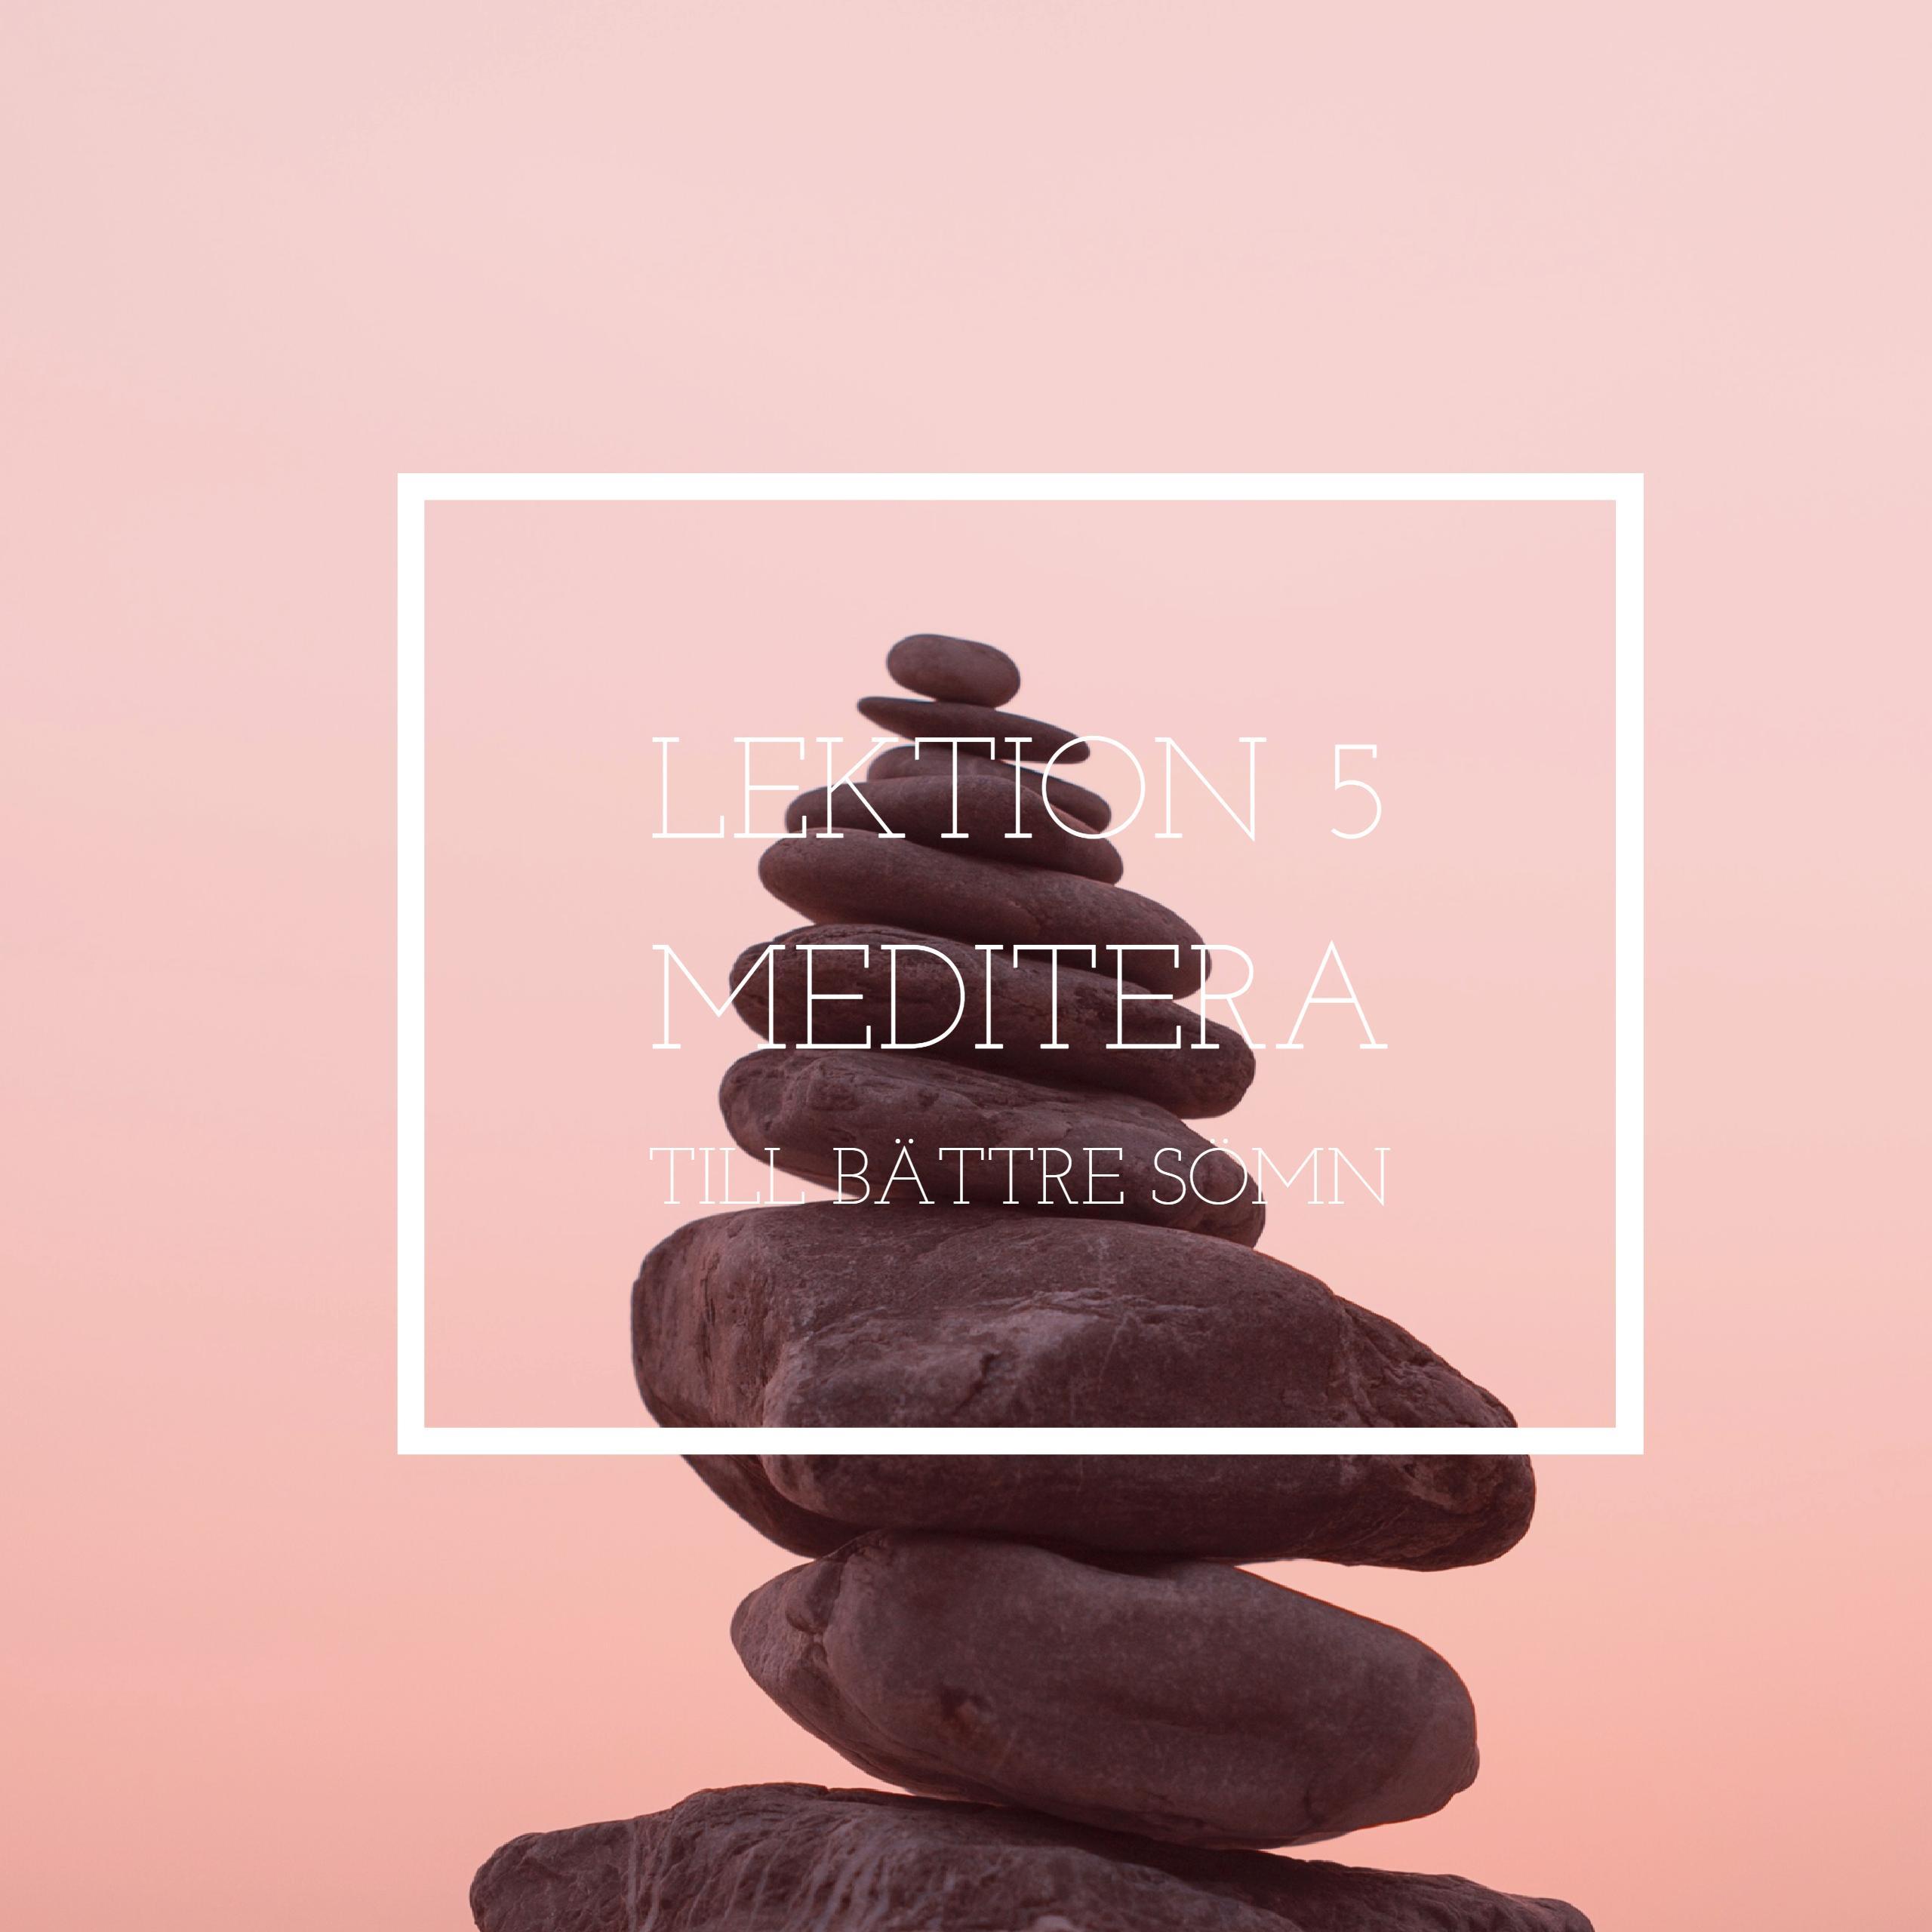 Meditera till bättre sömn